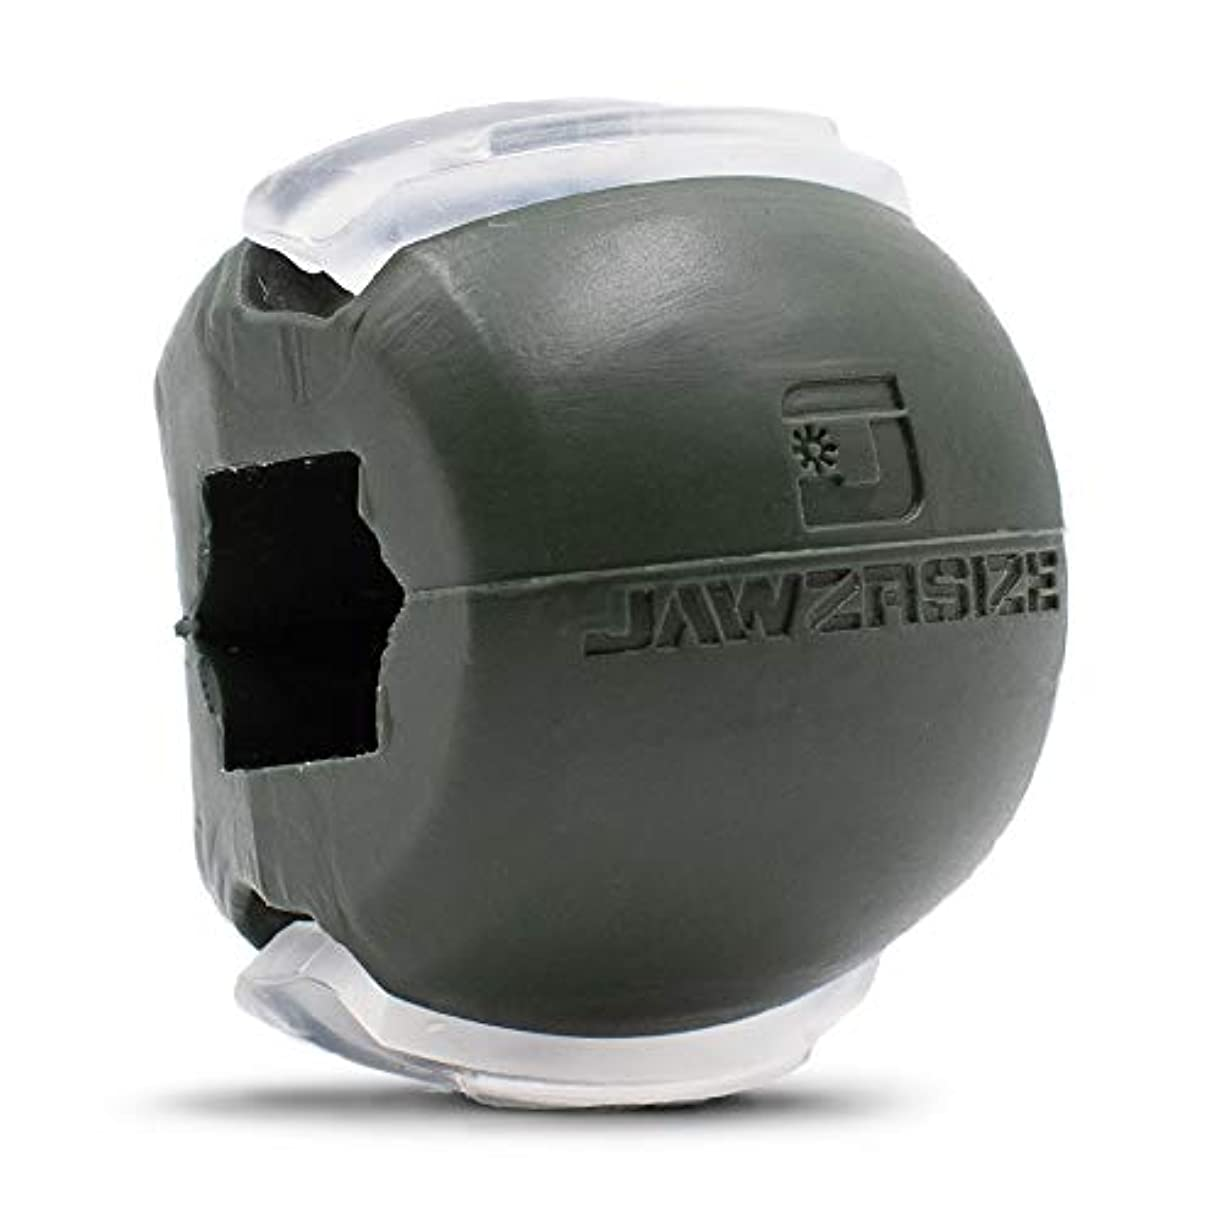 しがみつくジョージバーナード肥料Jawzrsize フェイストナー、ジョーエクササイザ、ネックトーニング装置 (50 Lb. 抵抗) レベル3 - ミリタリーグリーン